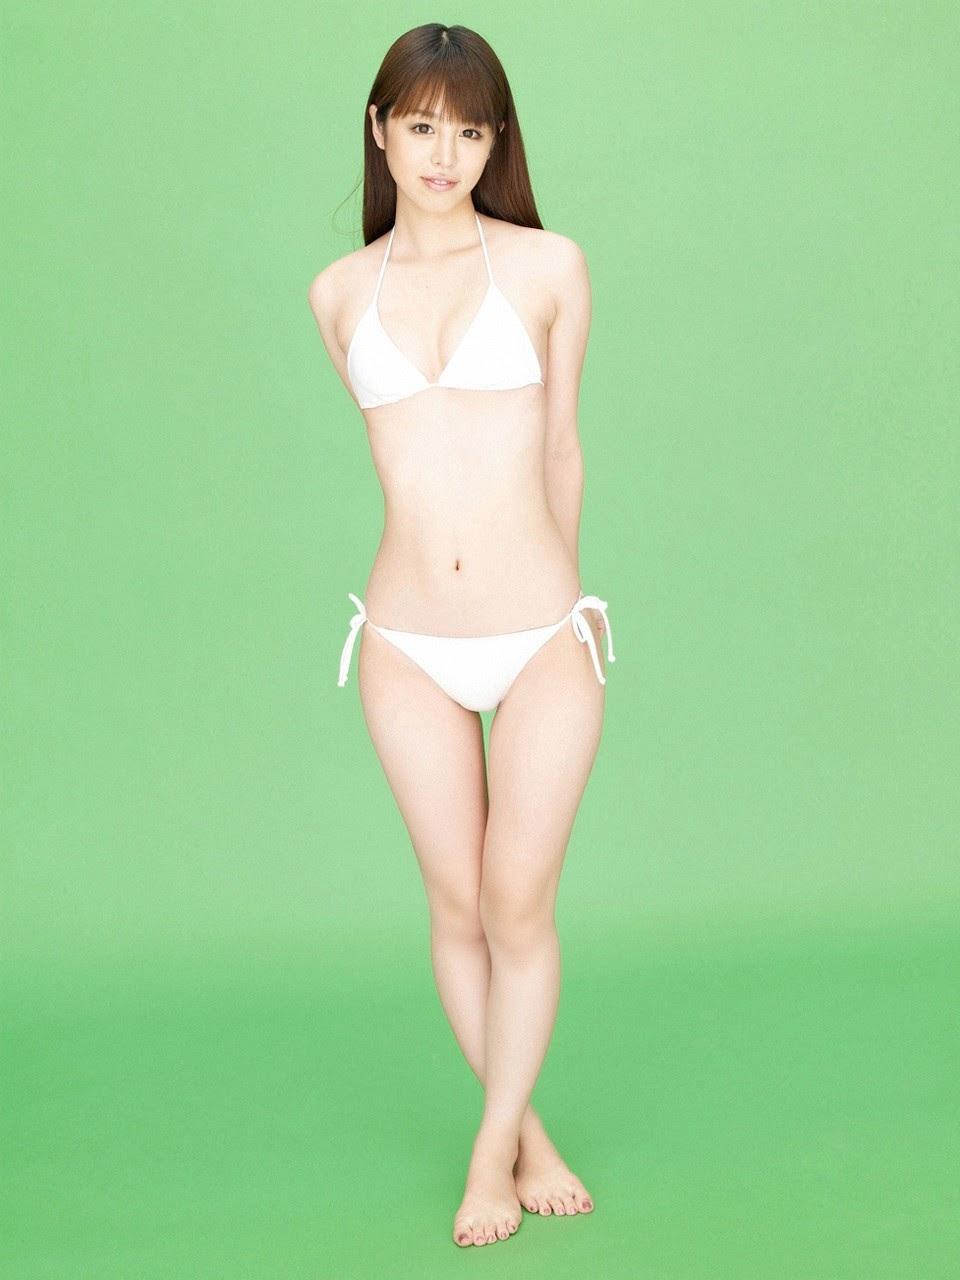 Bikini princessyr046